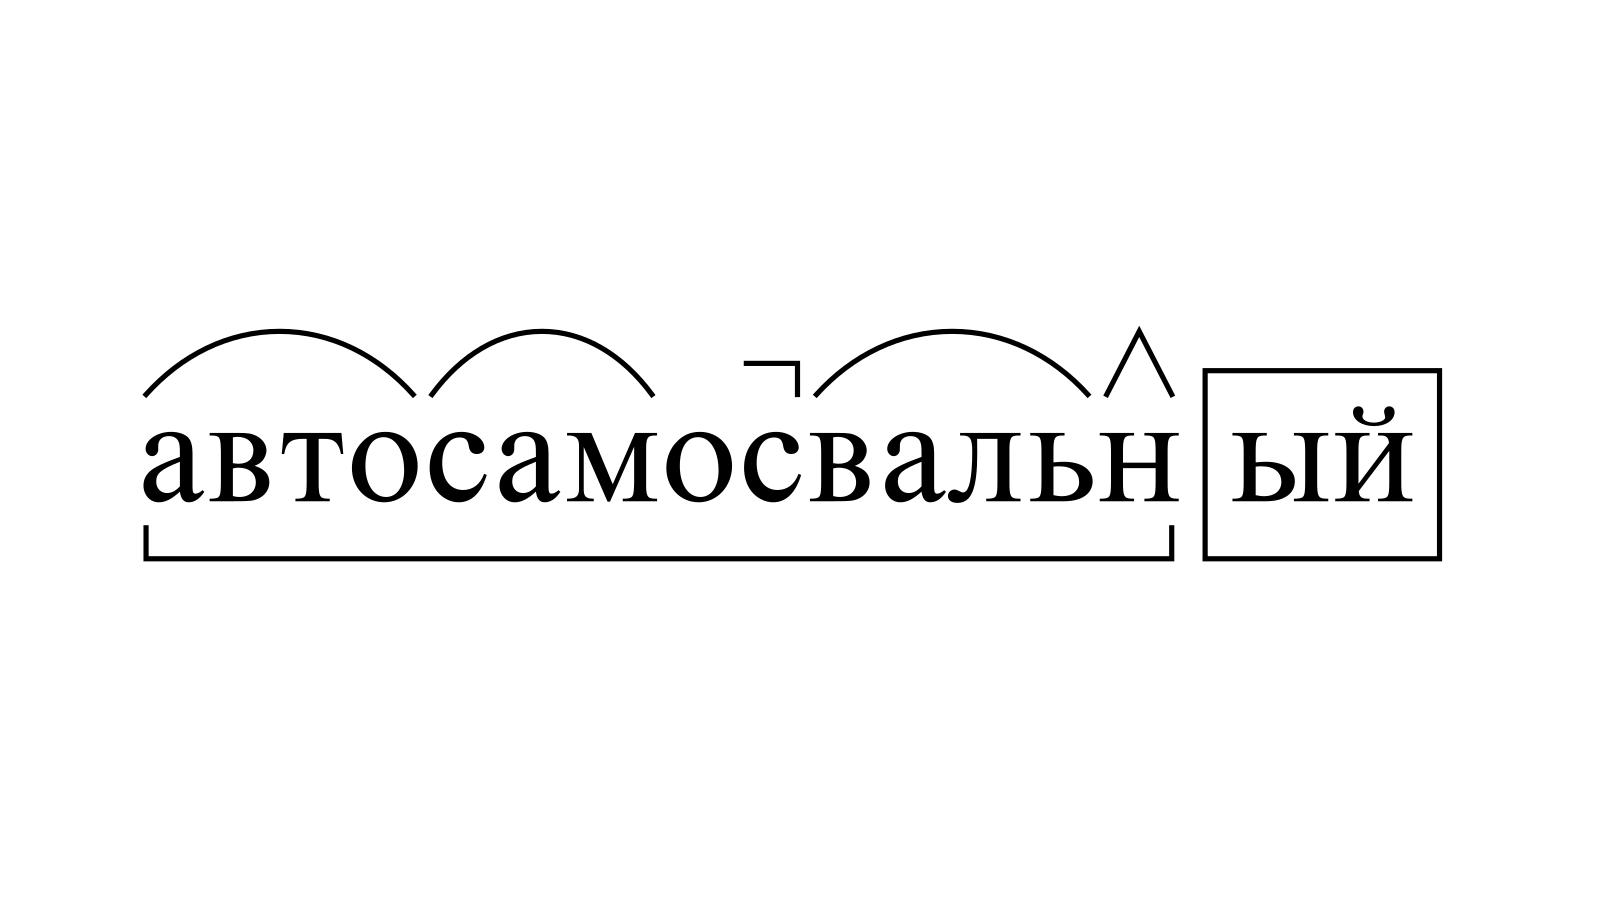 Разбор слова «автосамосвальный» по составу